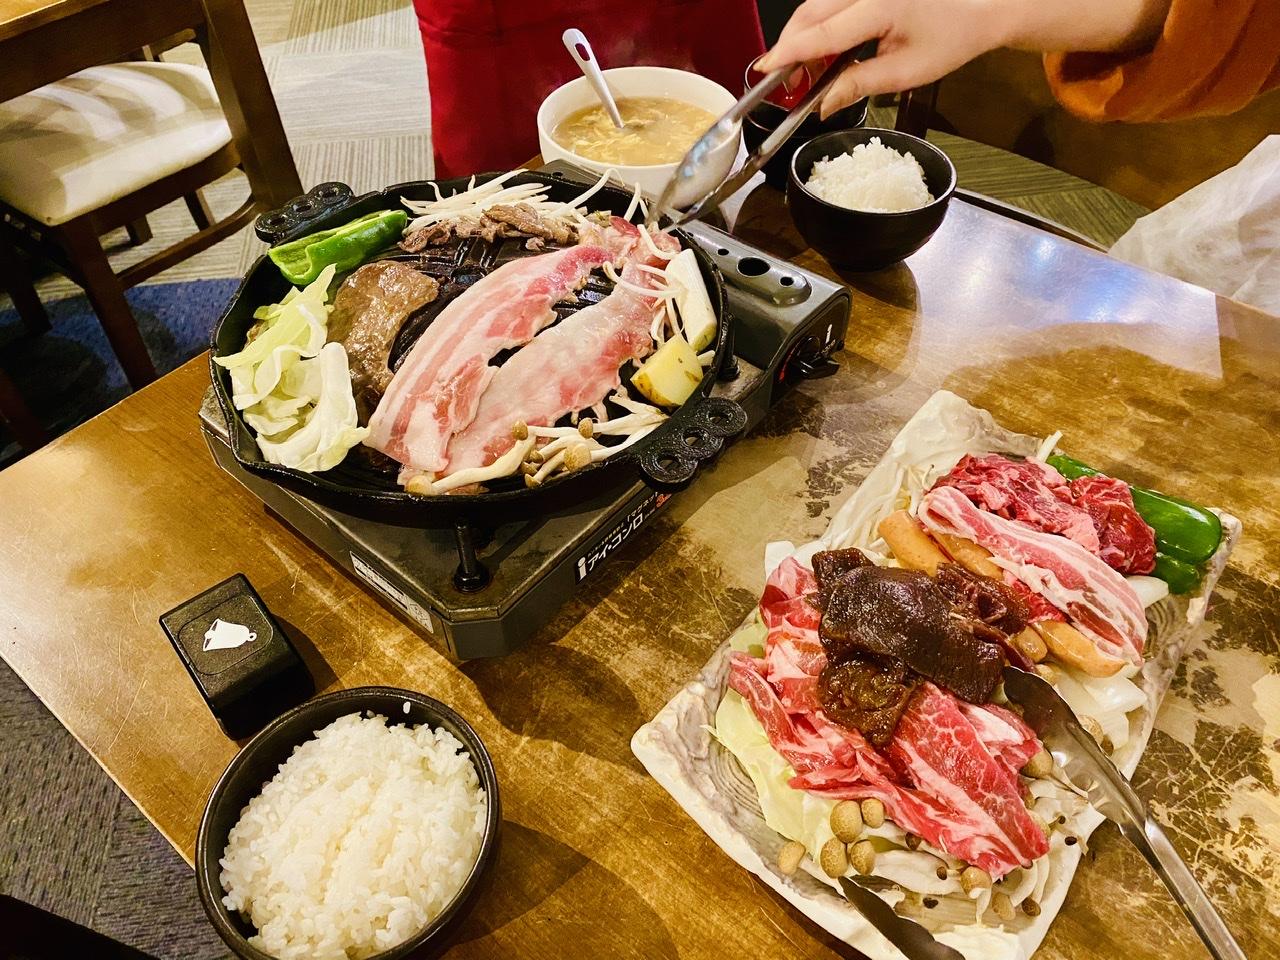 【星野リゾートトマム】グルメも充実★北海道の味覚を堪能!最高の朝食・夕食をご紹介♡_5